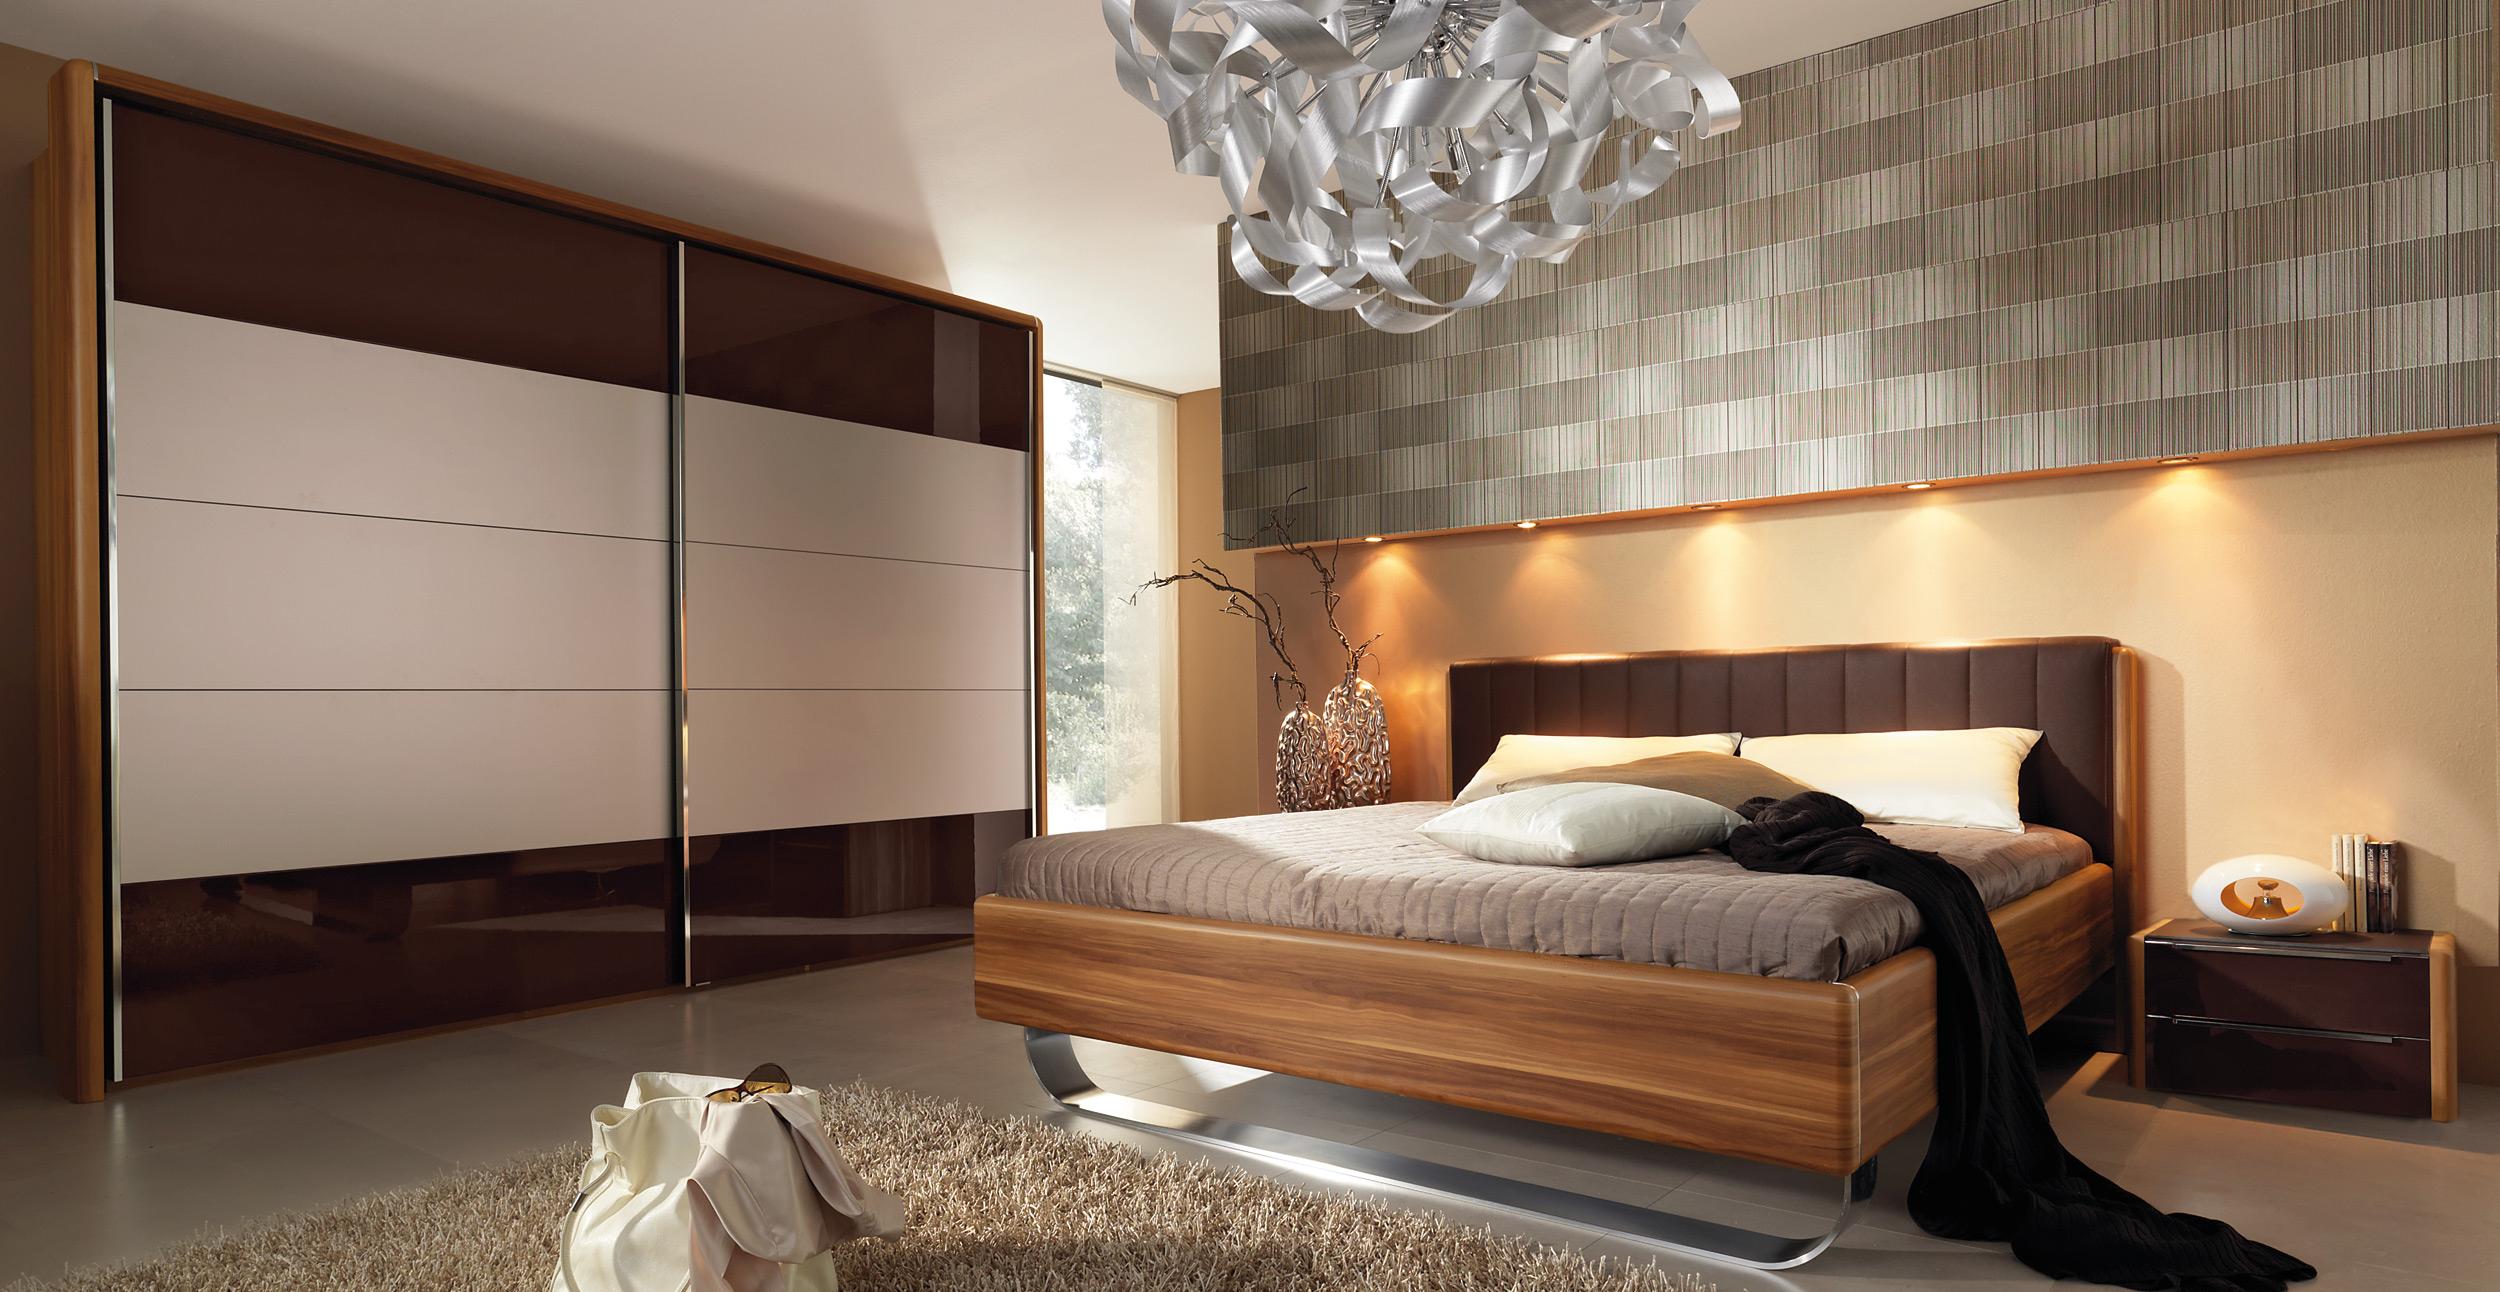 Full Size of Günstige Schlafzimmer Komplett Set Gnstig Wohnzimmer Kernbuche Massiv Günstig Mit Matratze Und Lattenrost Komplettangebote Romantische Lampe Massivholz Schlafzimmer Günstige Schlafzimmer Komplett